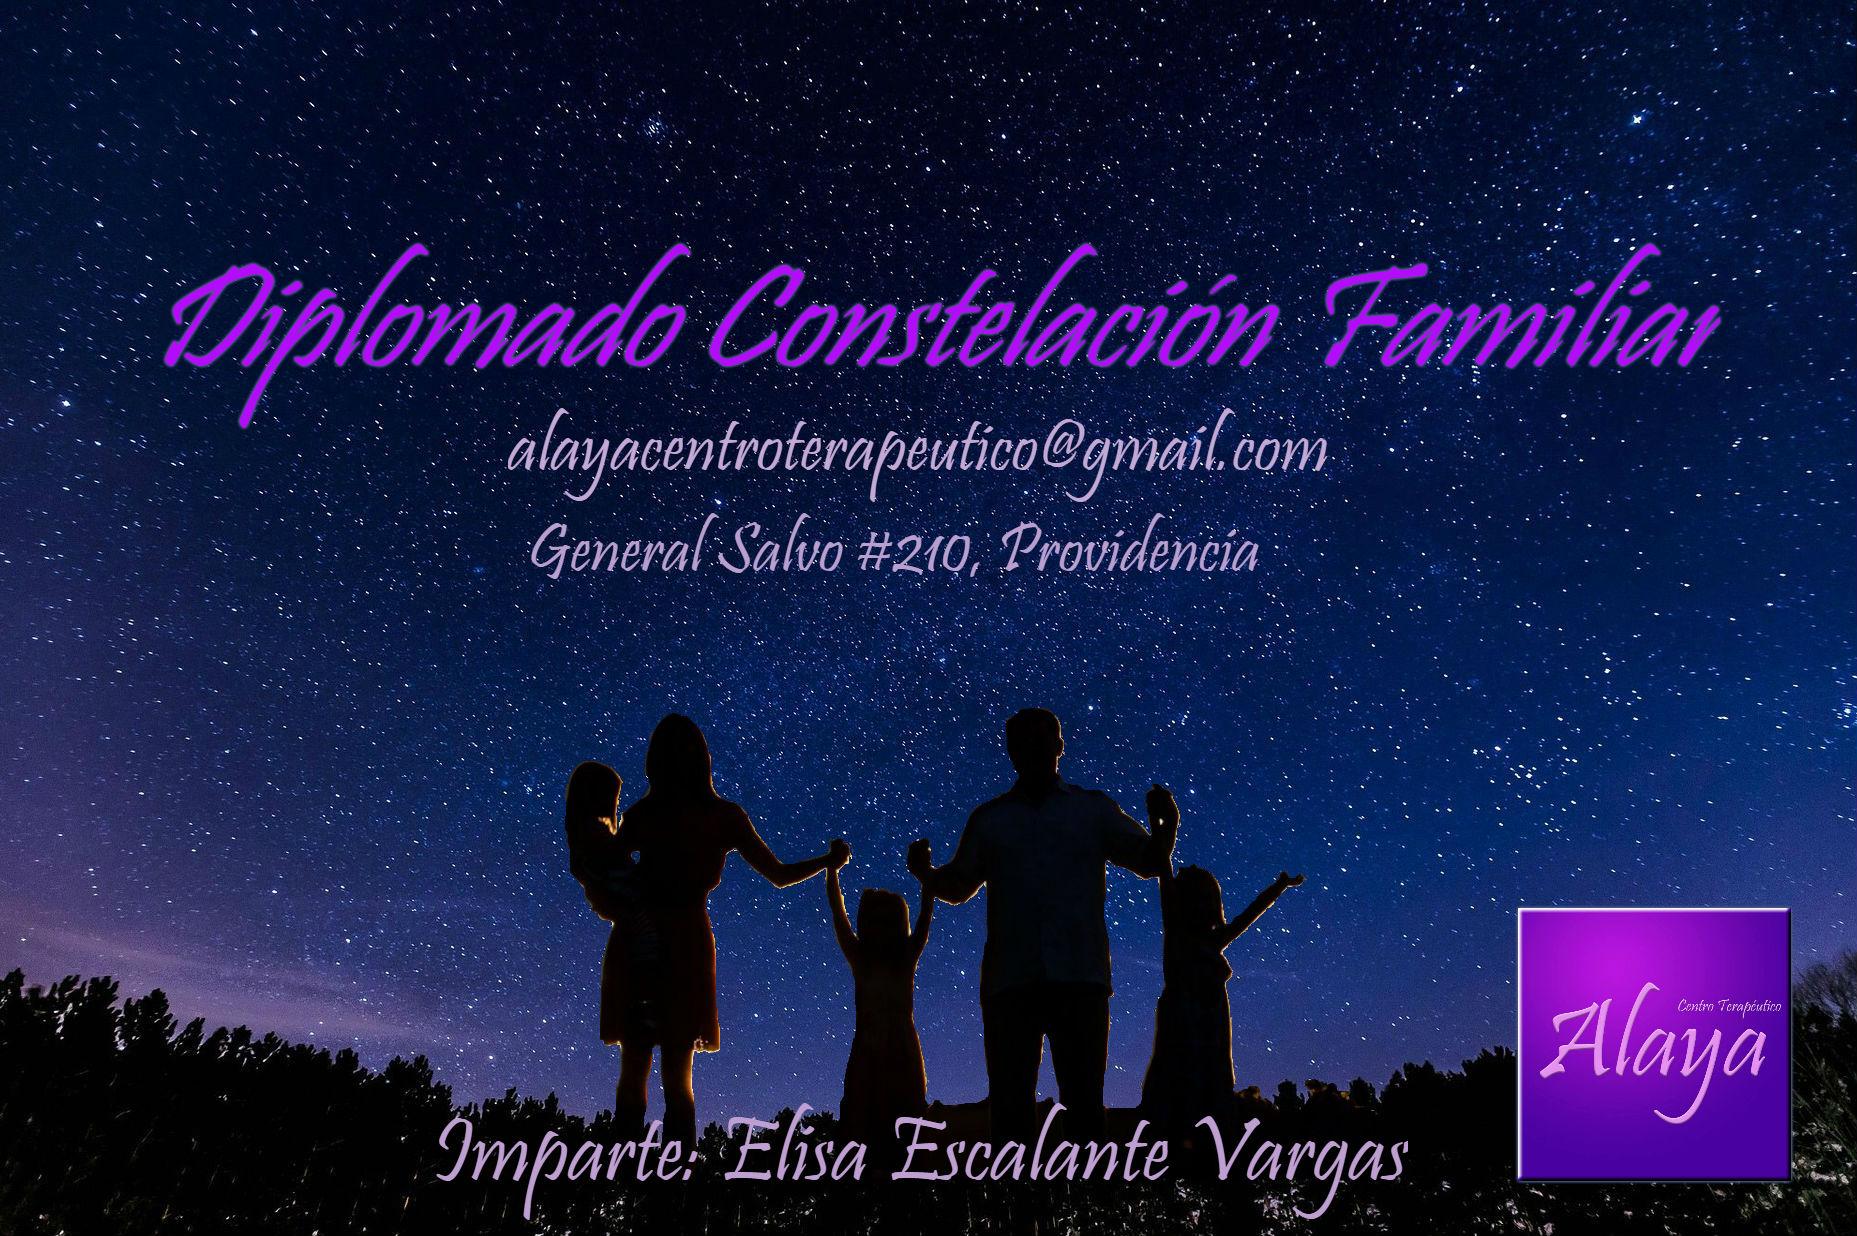 Diplomado Constelación Familiar